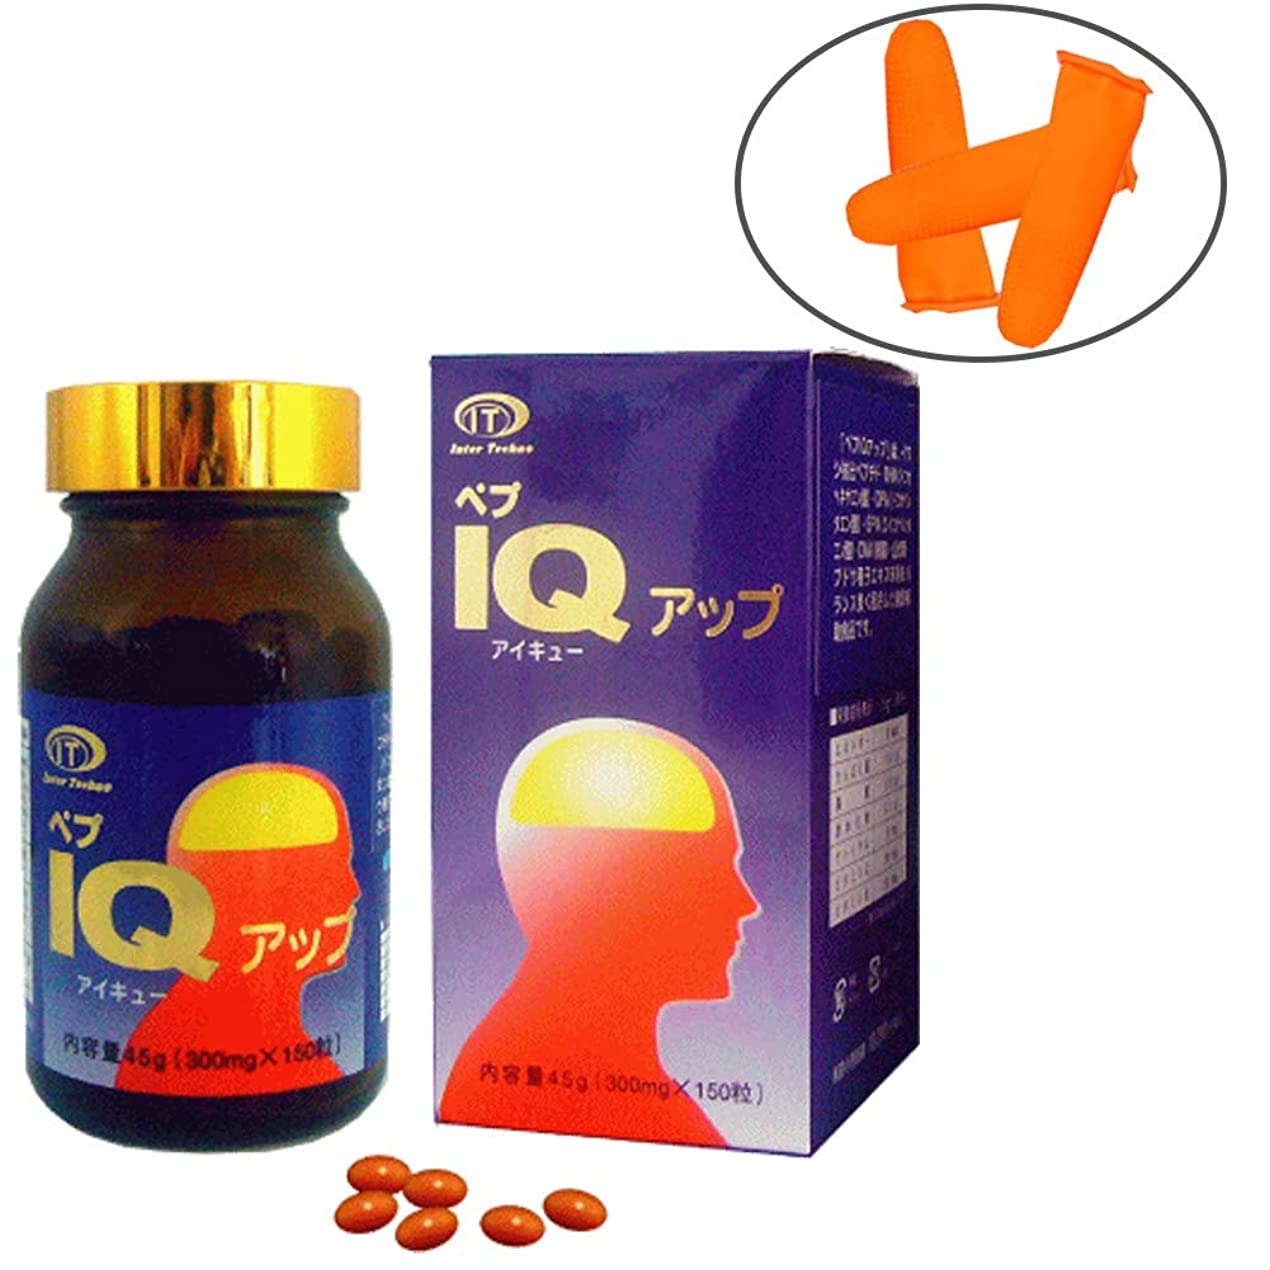 恨み抵抗する救いIQアップ 疲労回復 サプリメント dha epa サプリメント 健脳食品 150粒 30日分 DHA 認知症防止 体内から健康に やる気出る オリジナルプレゼント付